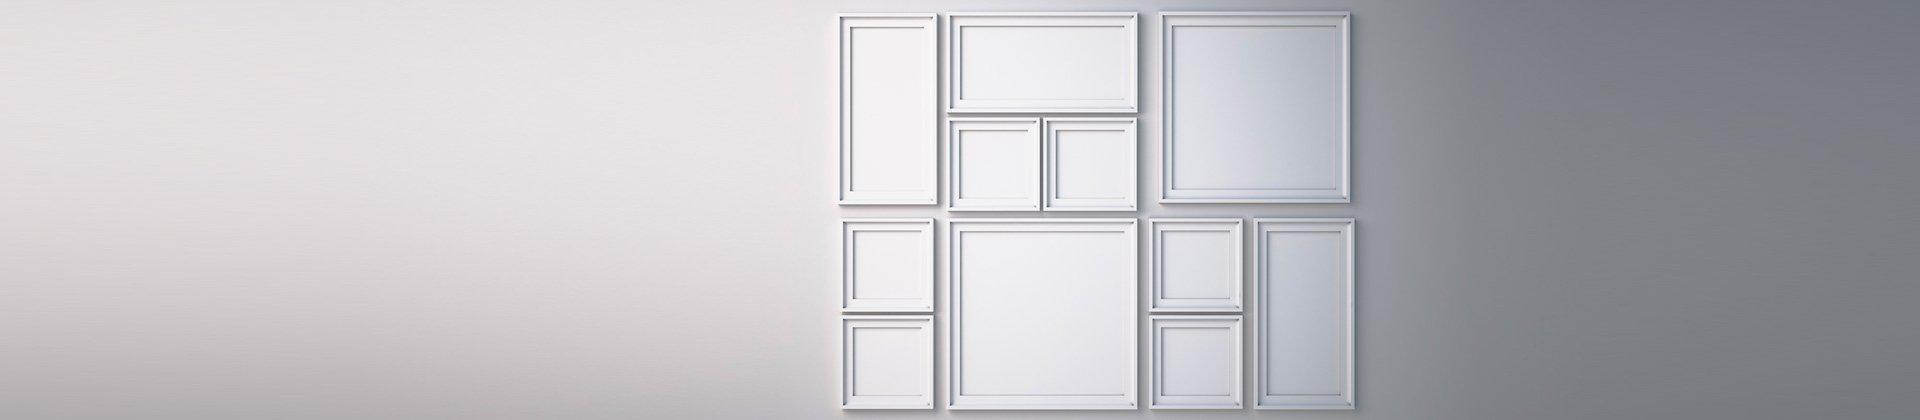 Home slider portfolio bg